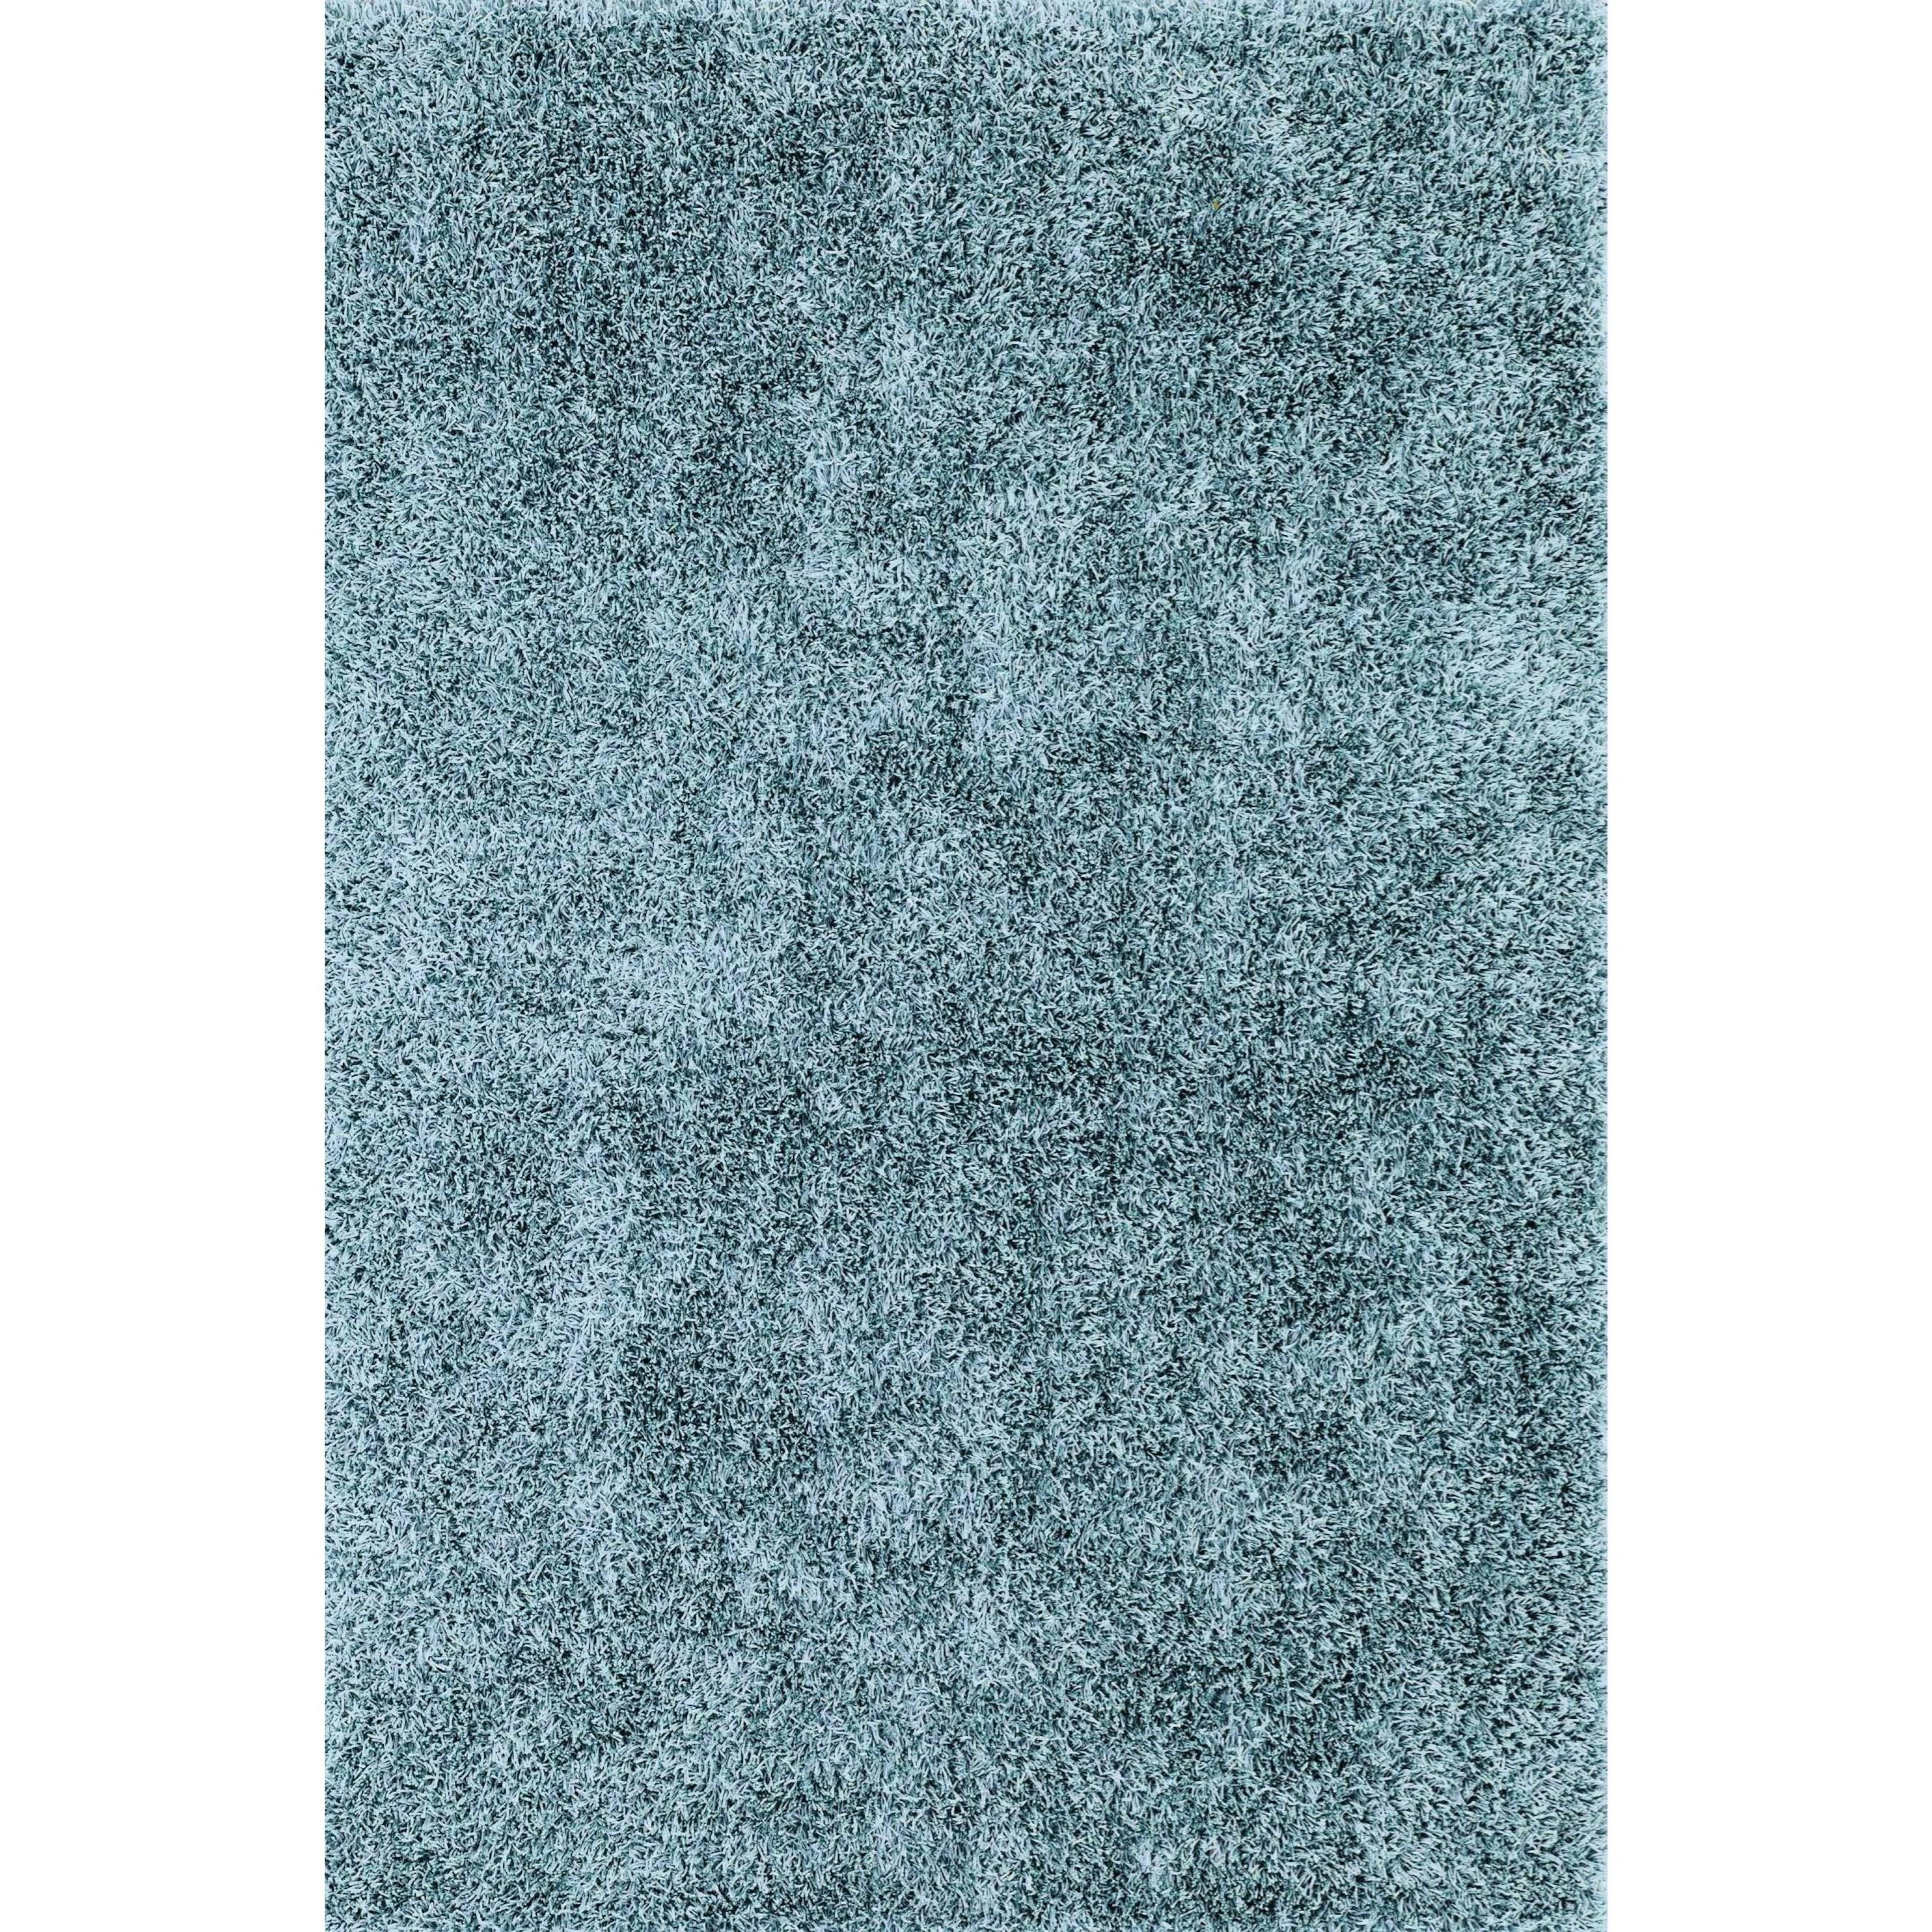 """Dalyn Illusions Sky Blue 3'6""""X5'6"""" Rug - Item Number: IL69SB4X6"""